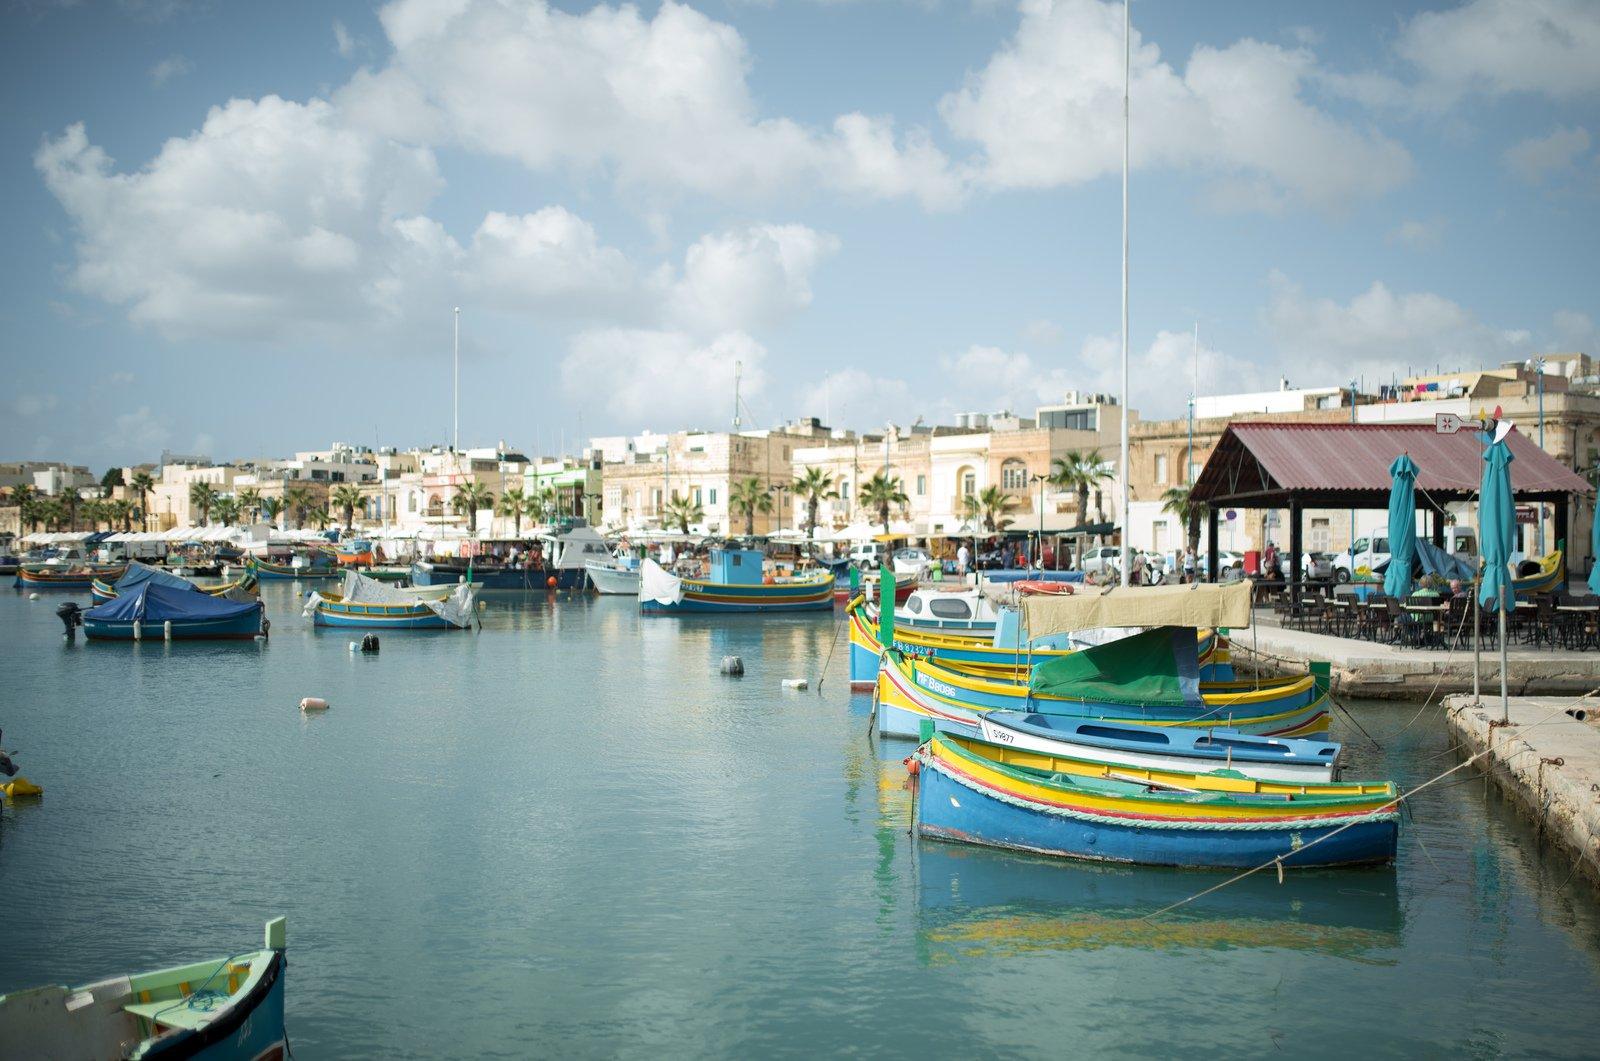 Petit port de Marsaxlokk Marsaxlokk